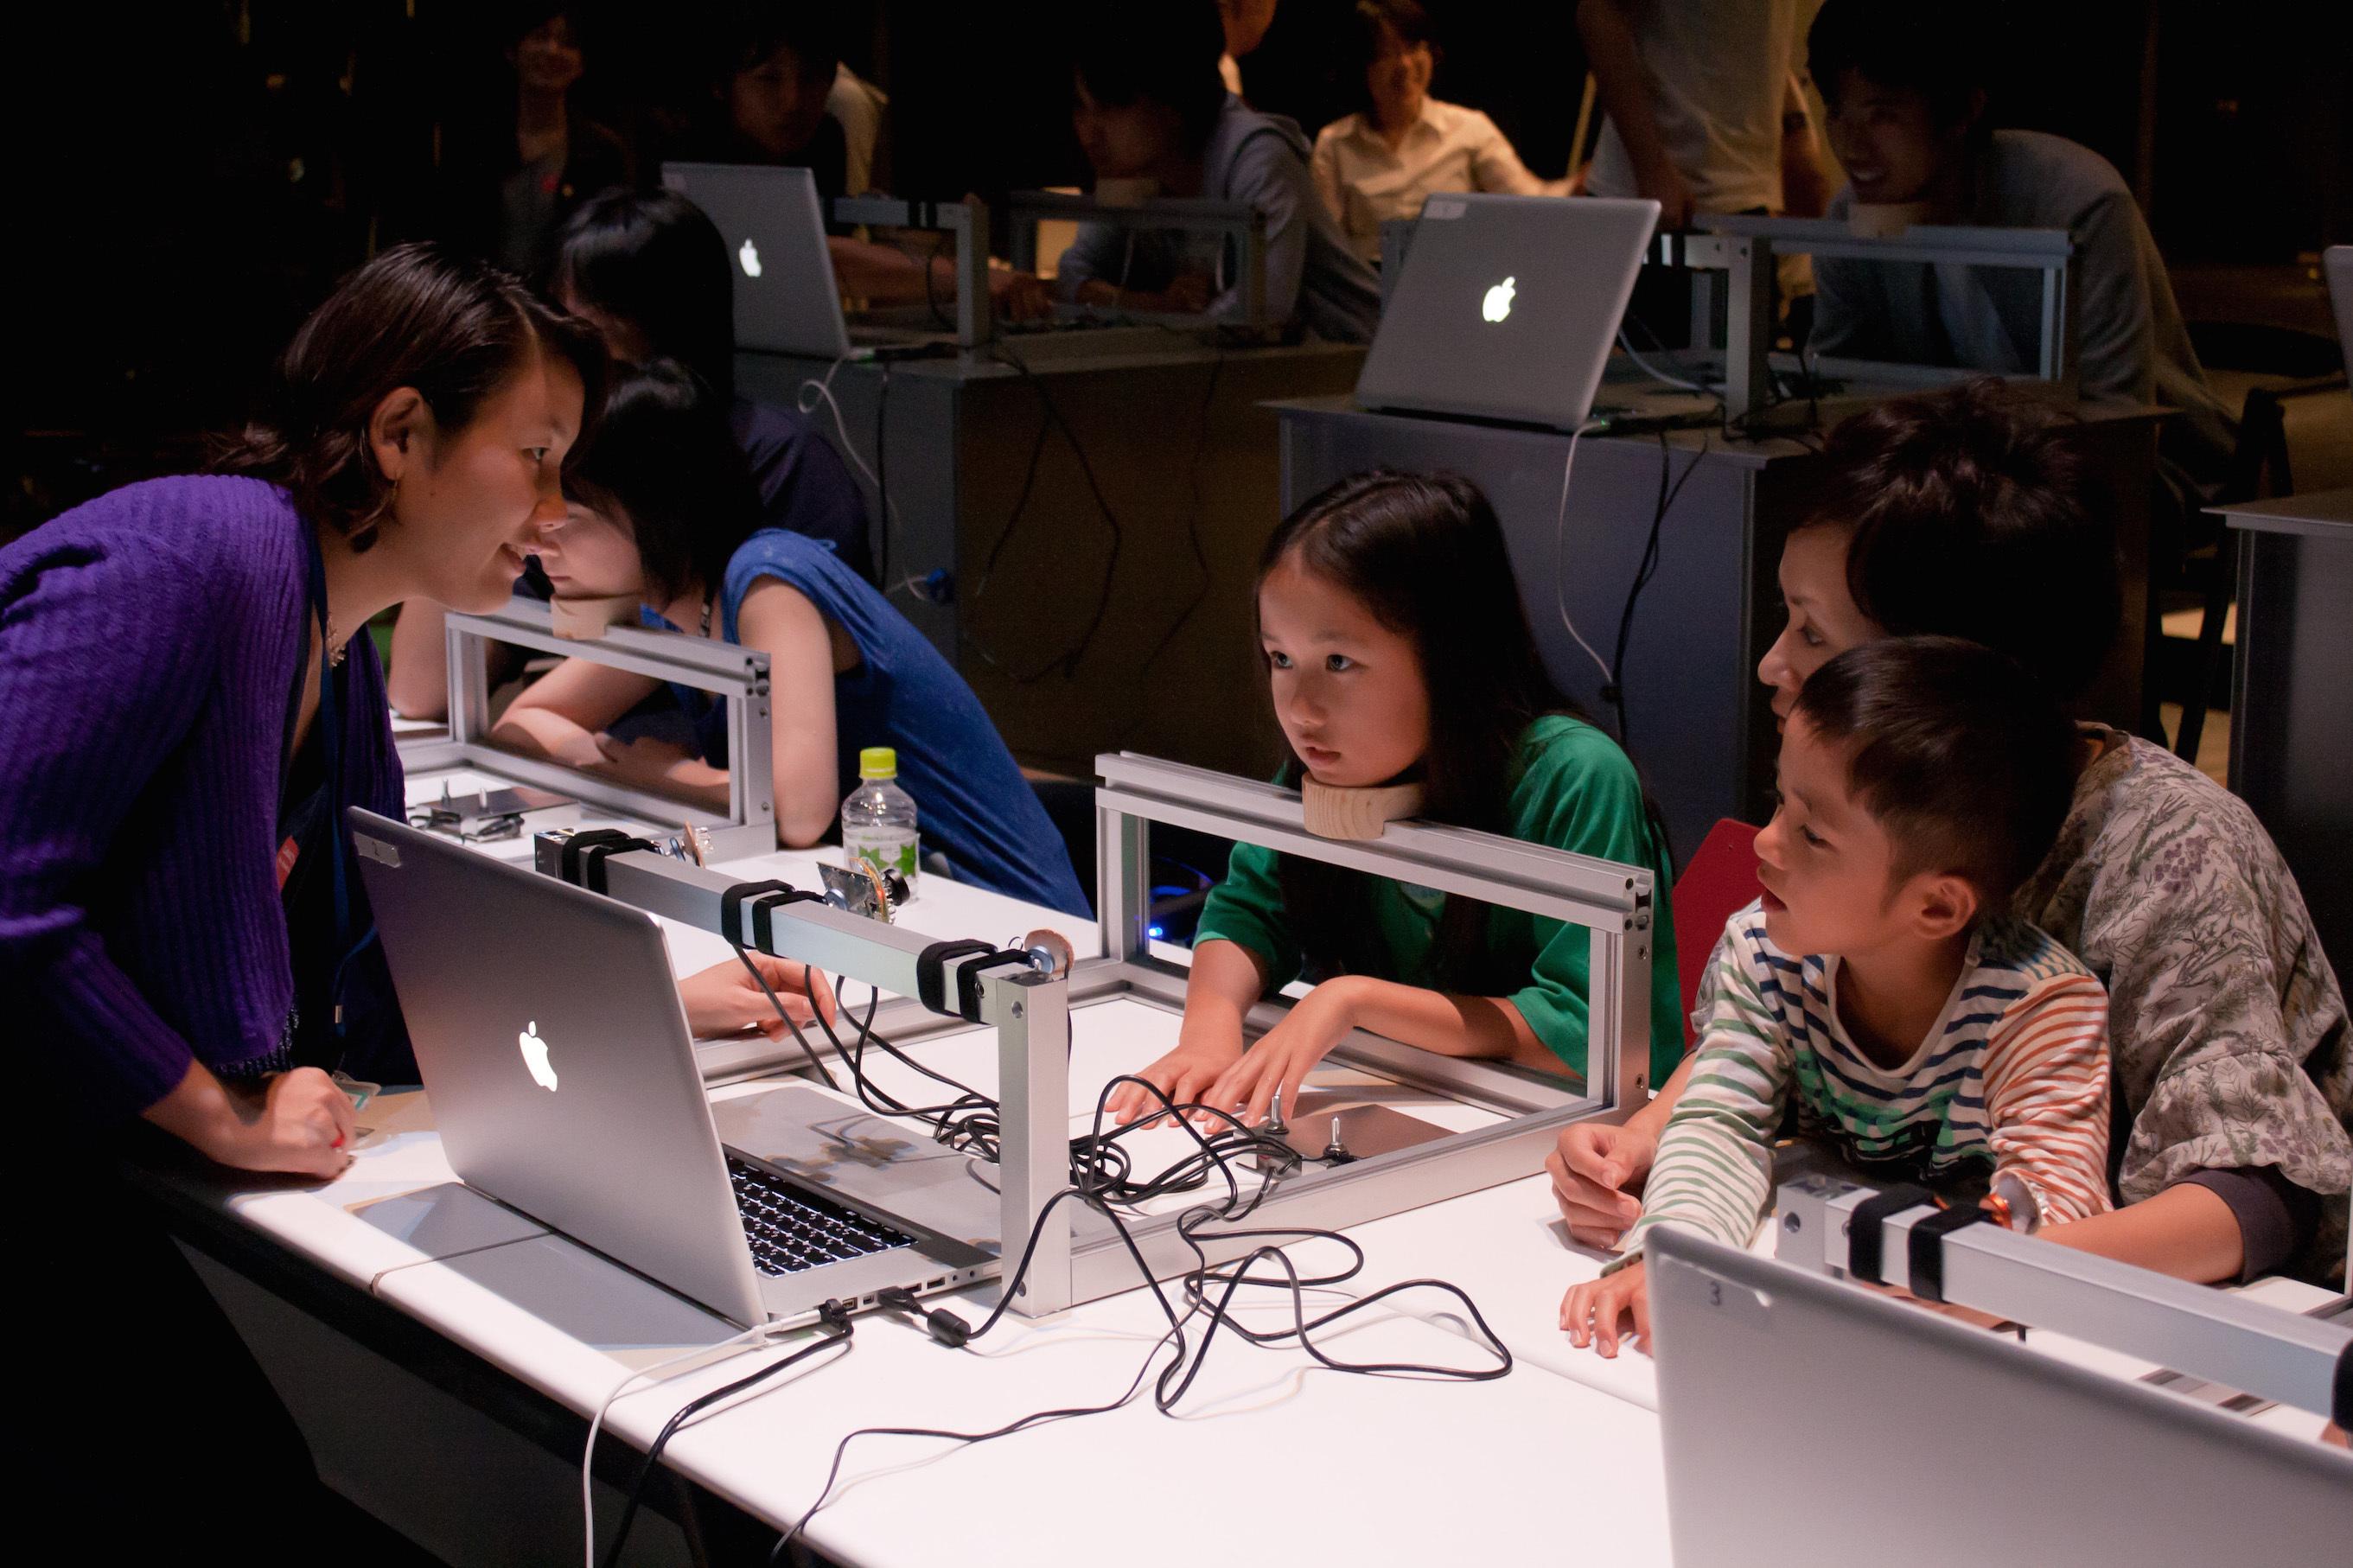 山口情報芸術センター[YCAM]教育プログラム「Eye2Eye」 撮影:丸尾隆一(YCAM)/写真提供:山口情報芸術センター[YCAM]